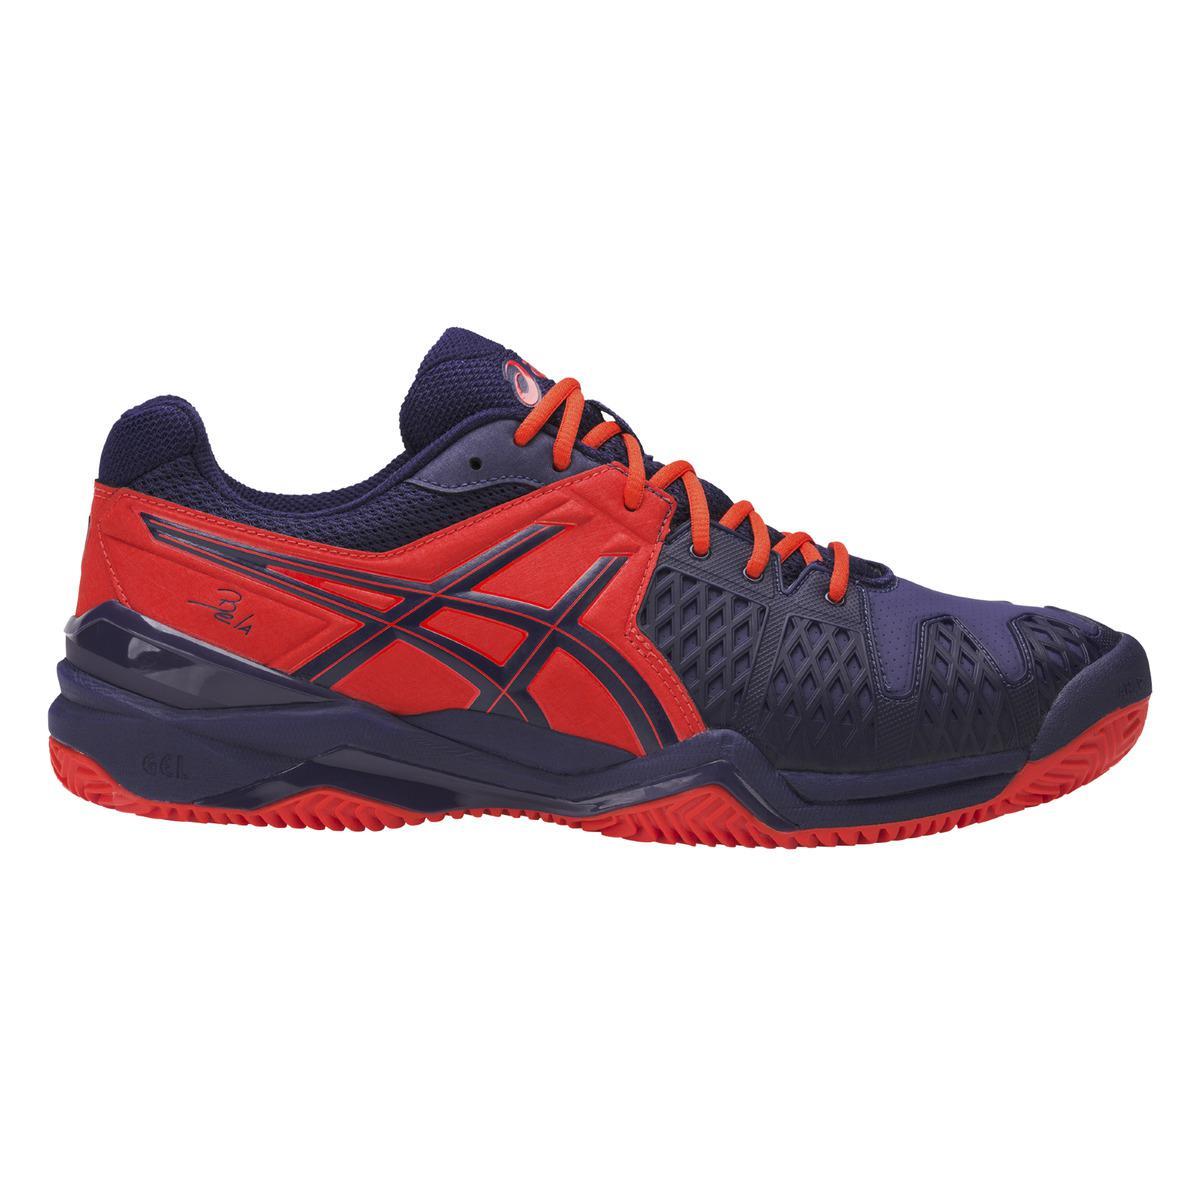 Asics Gel bela 5 Sg 14423 Paddle 5 Chaussures de Sg tennis en bleu pour homme Lyst 79ed302 - madridturismobitcoin.website